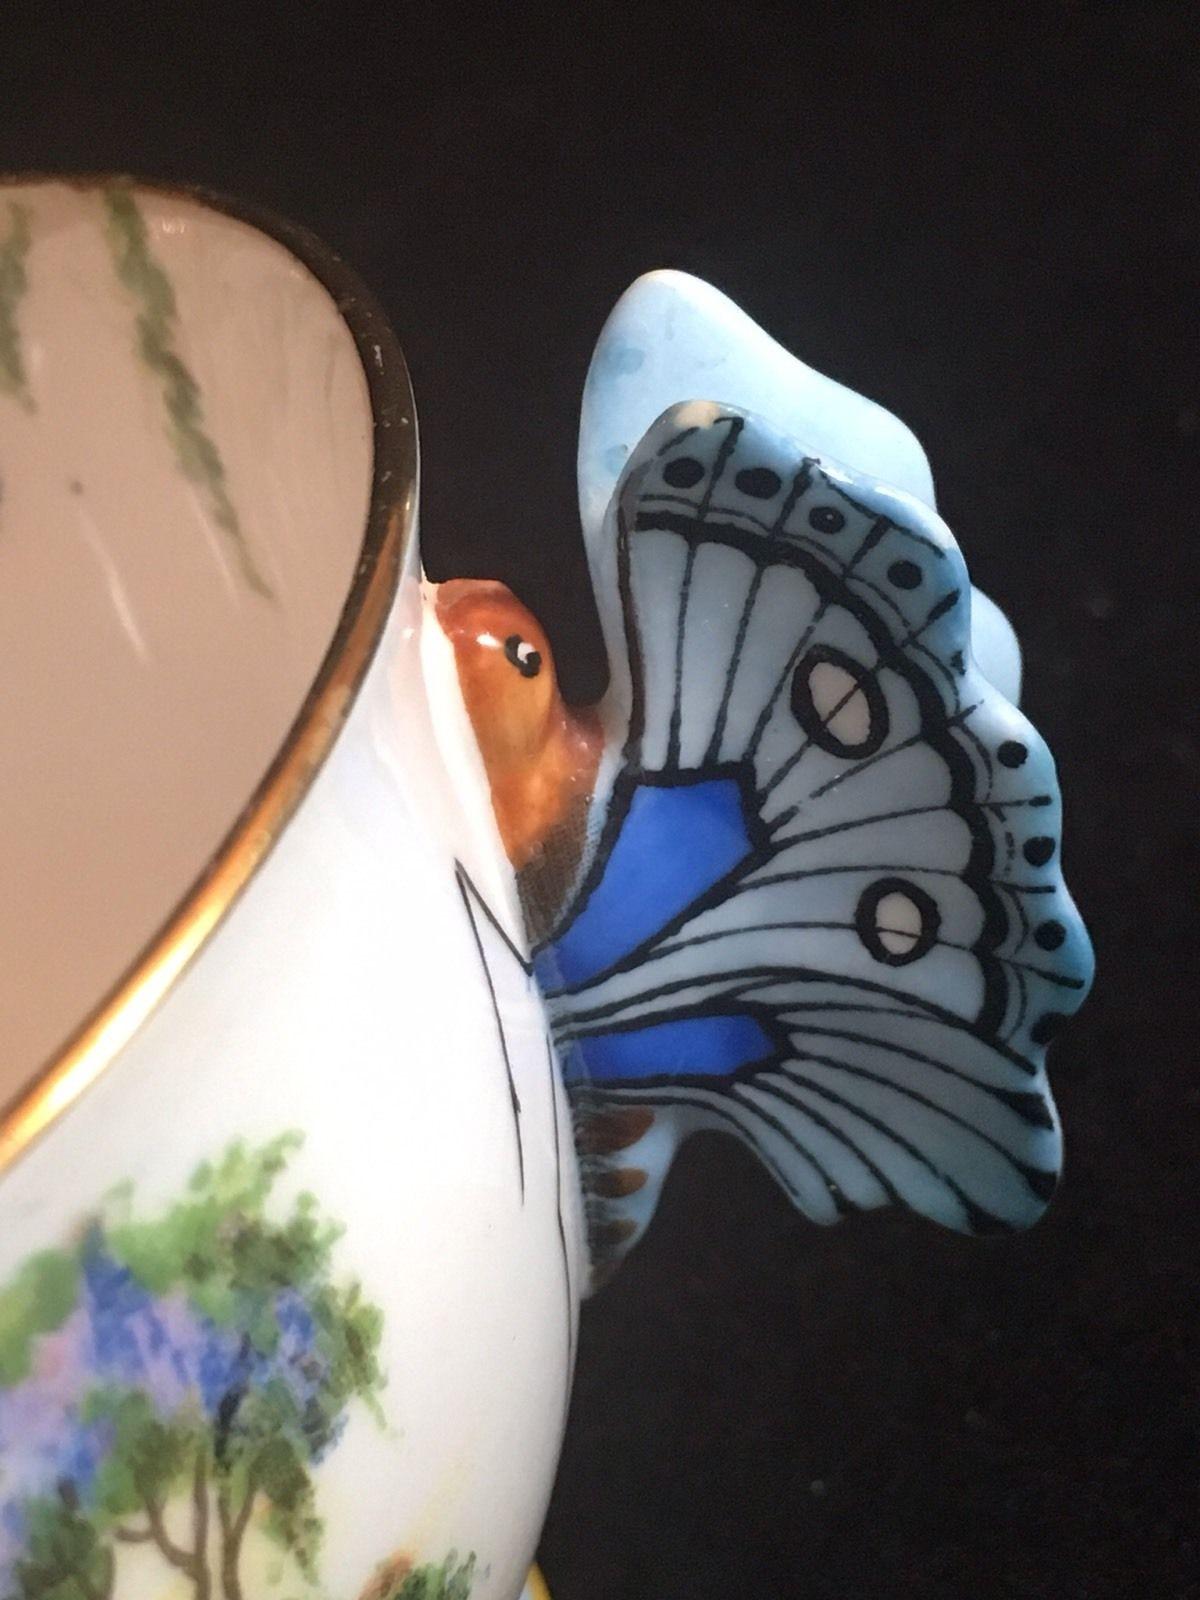 エインズレイティーカップ&ソーサー「ベネチア女性とバタフライハンドル」のバタフライハンドルの画像